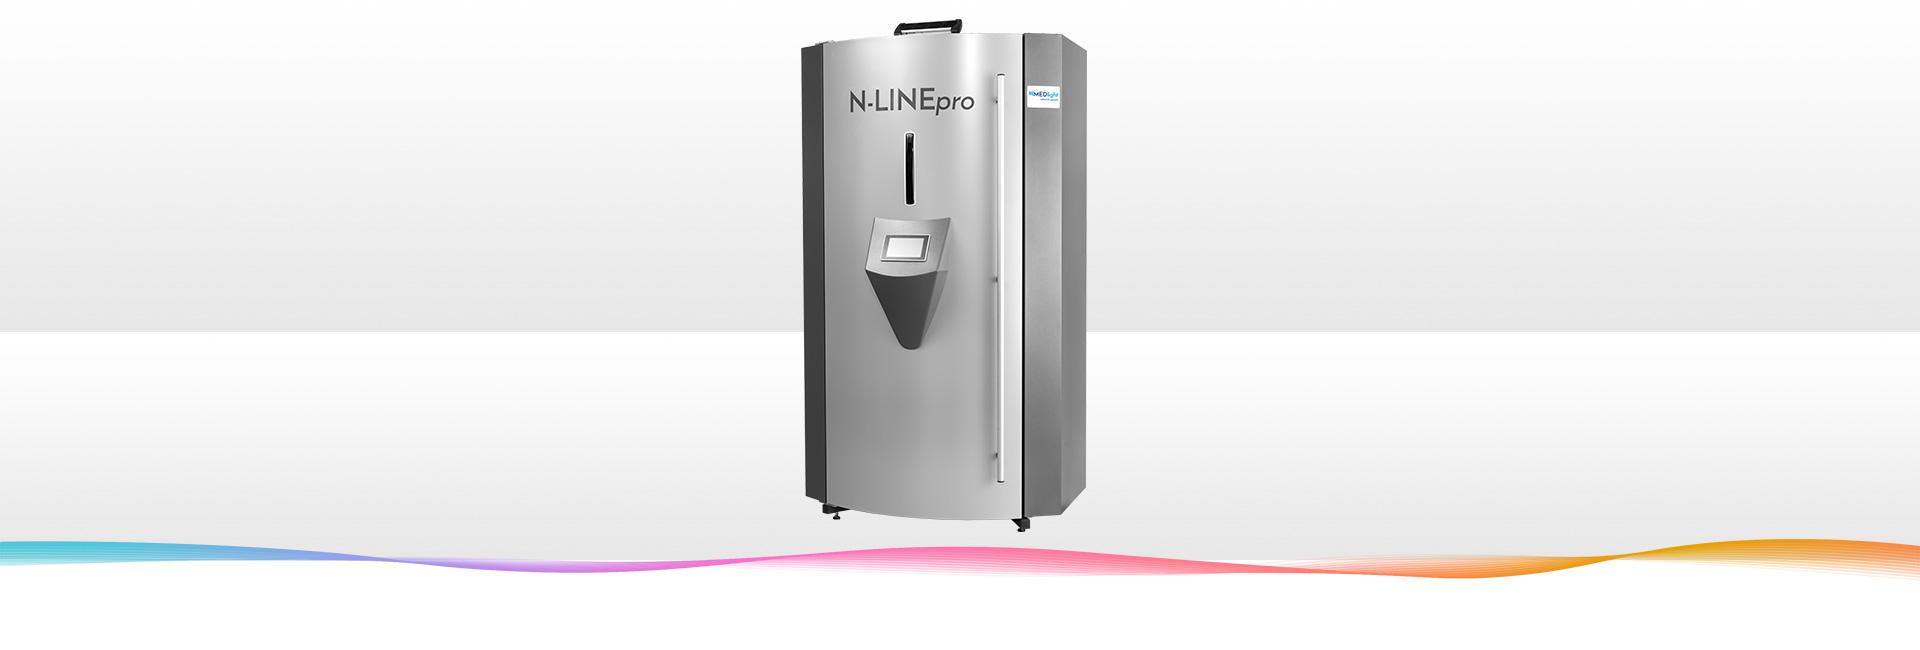 N-Line Pro - MEDlight